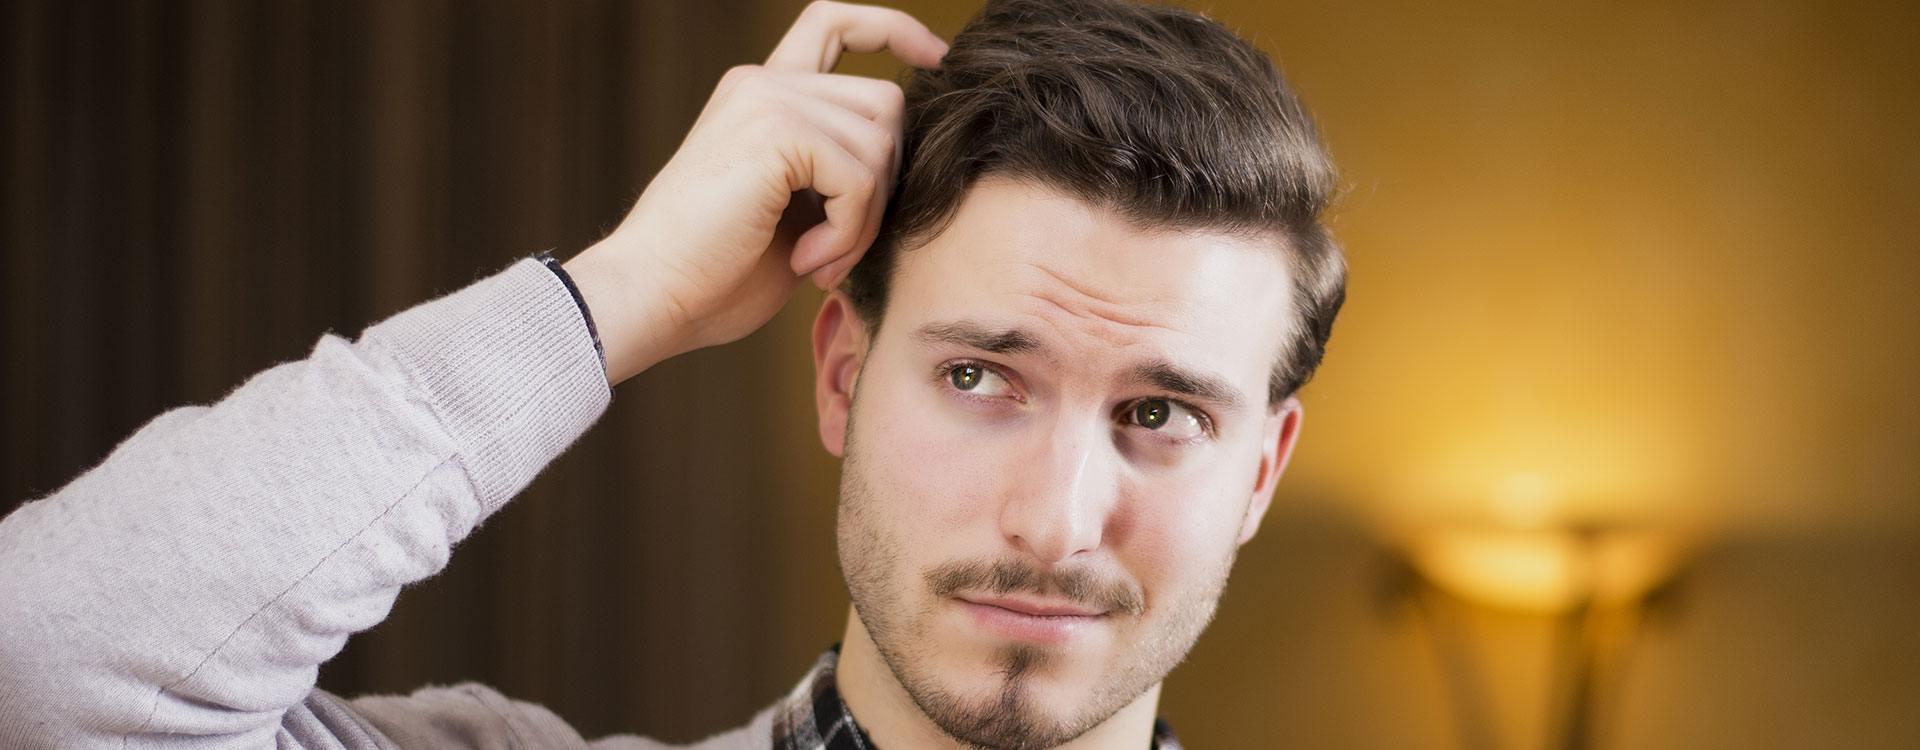 Calvície em foco: por que os homens tendem a perder mais cabelos?